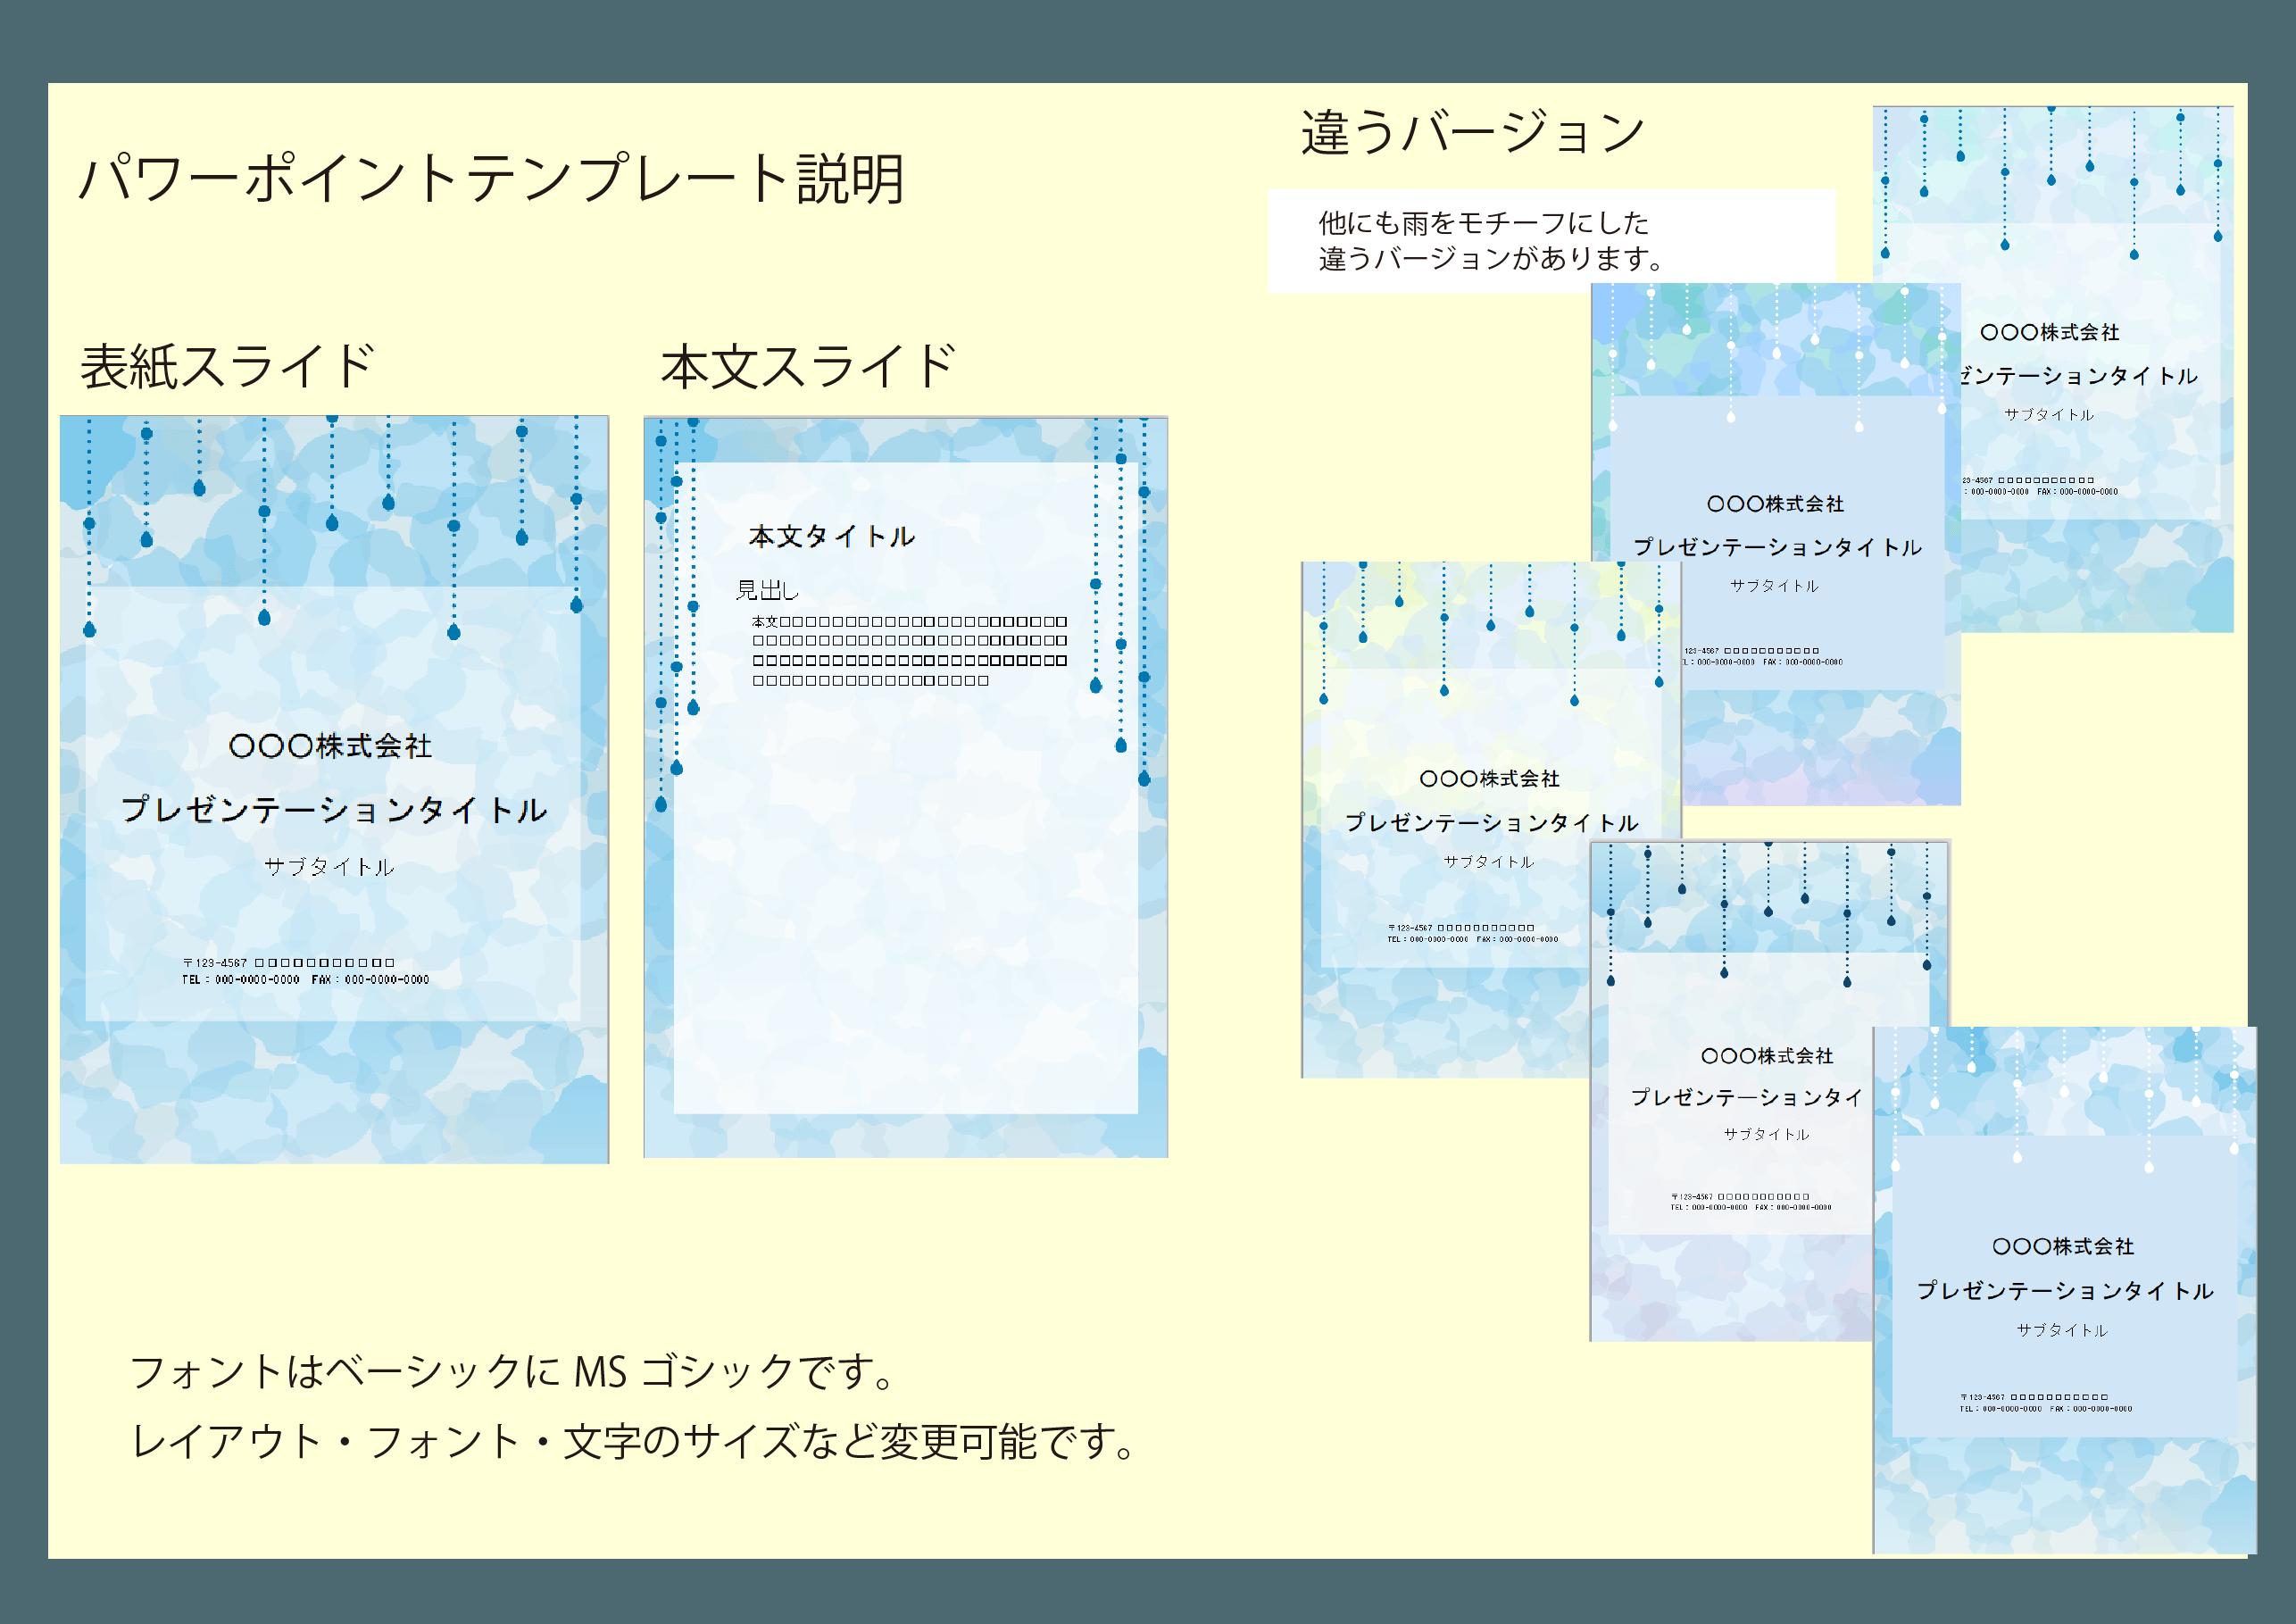 雨デザインの説明